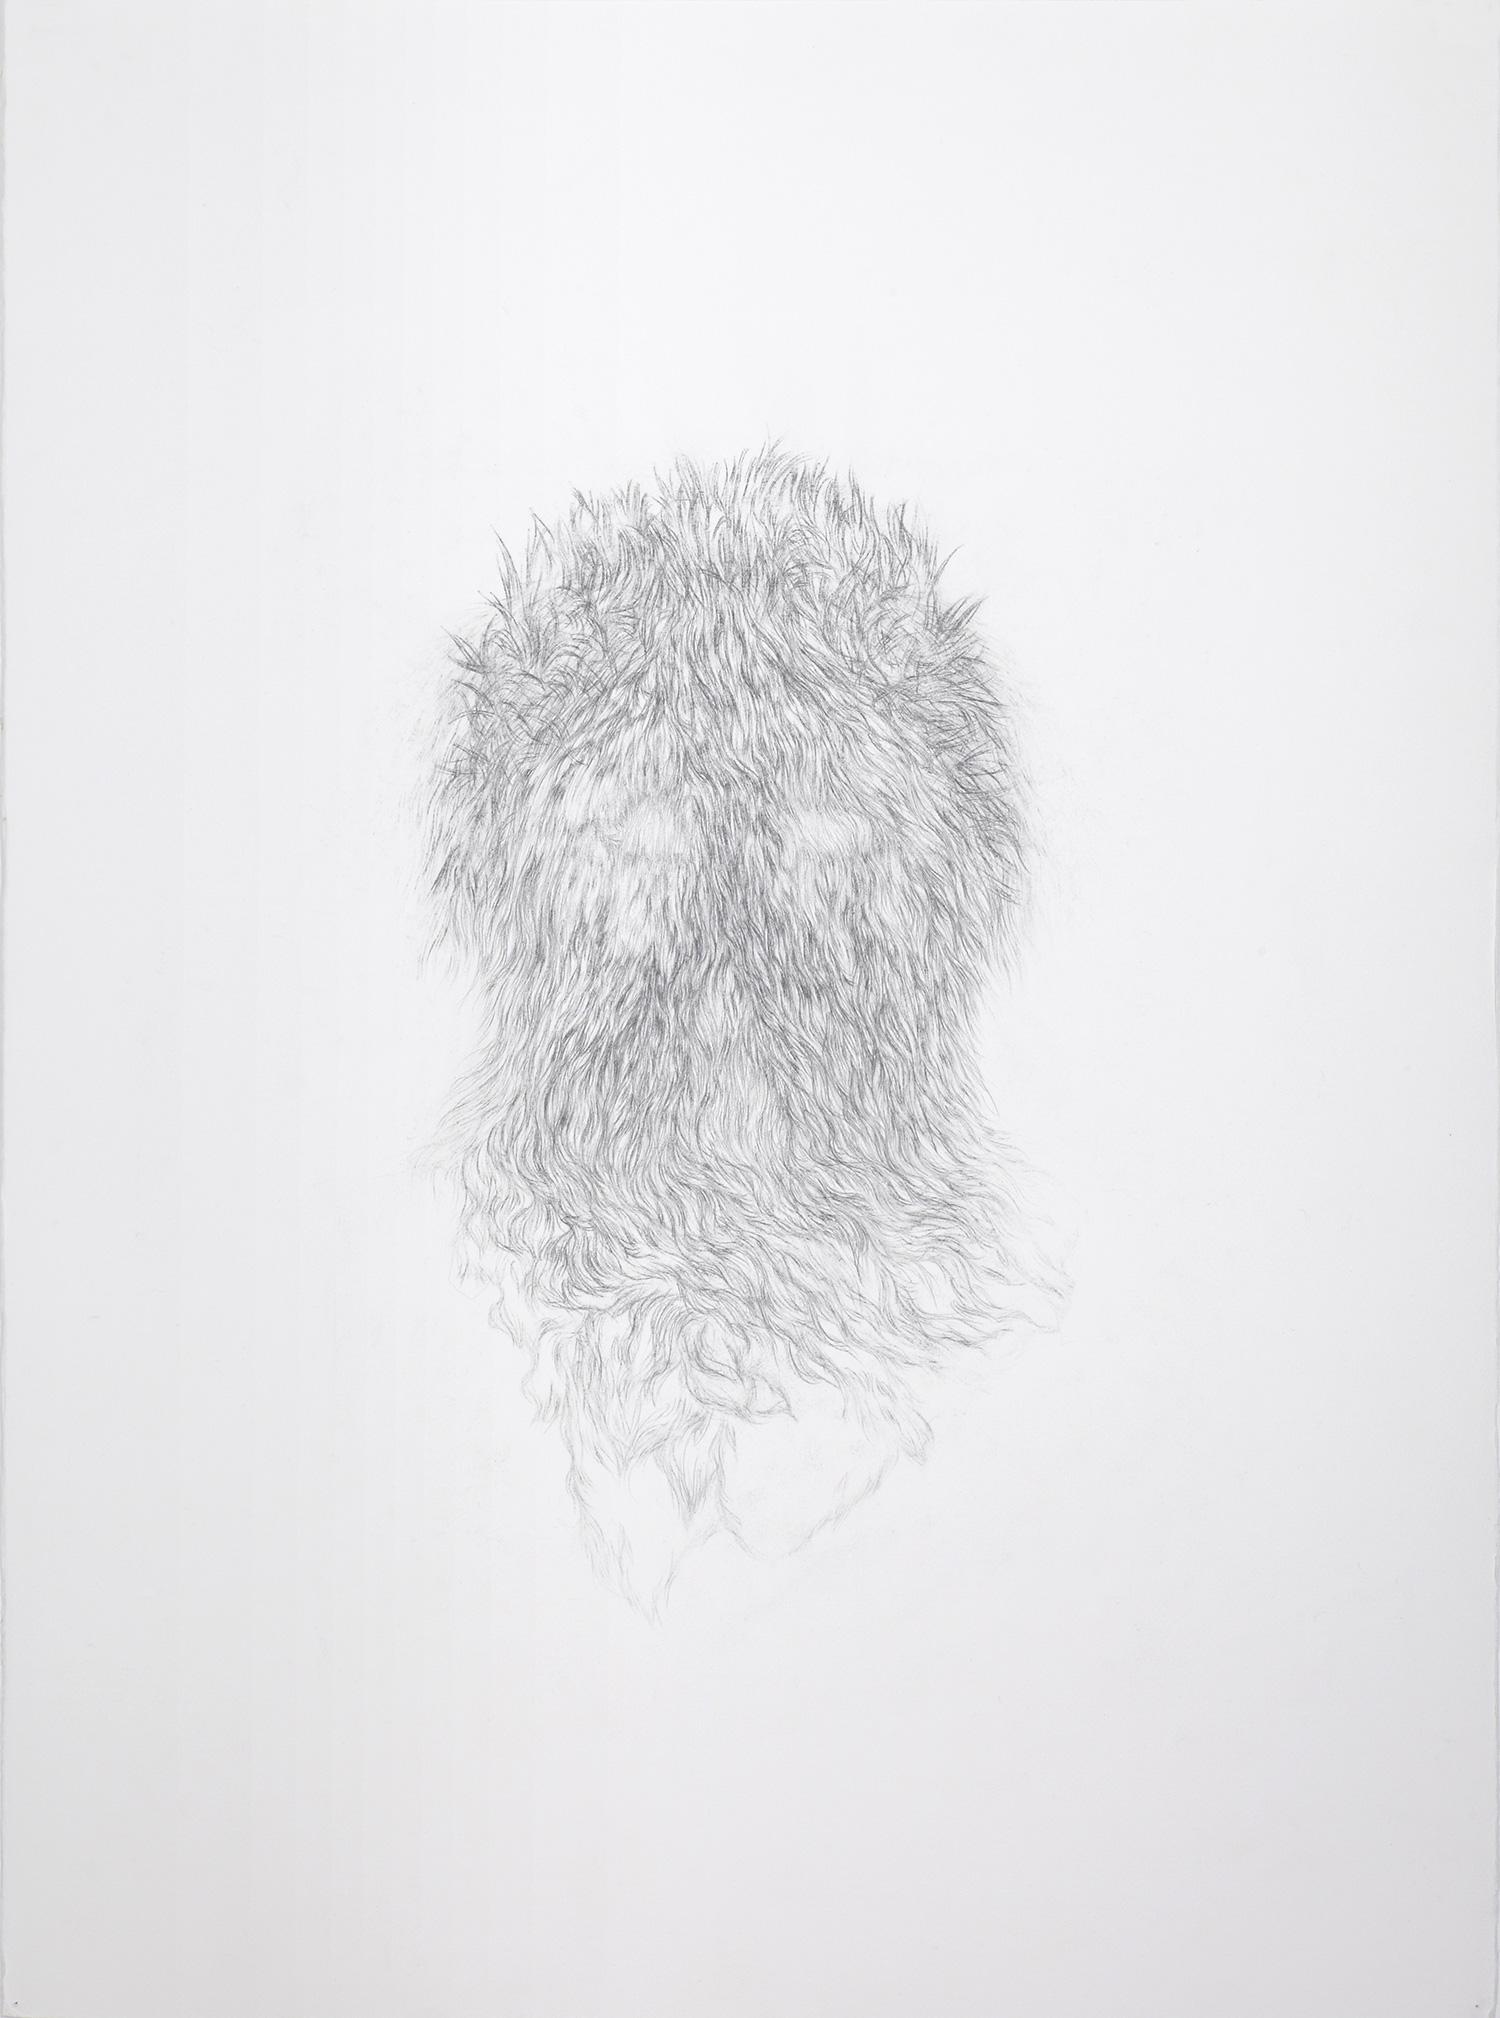 <i>derrière les secrets</i>, 2013, graphite, 76x56cm